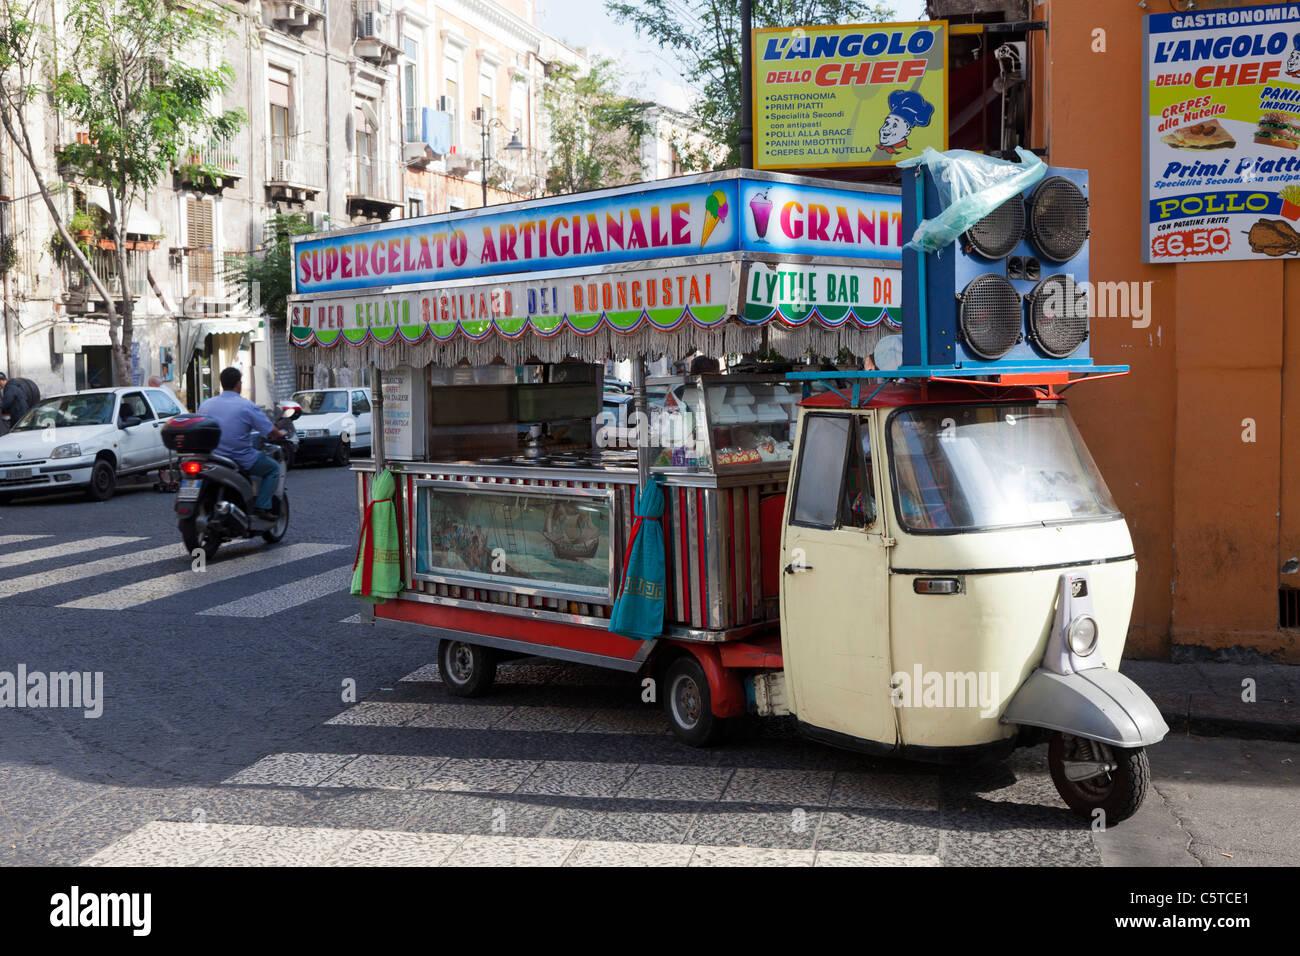 116f3c1154f9ff Piaggio Ape mini van selling gelato in Catania Italy Stock Photo ...